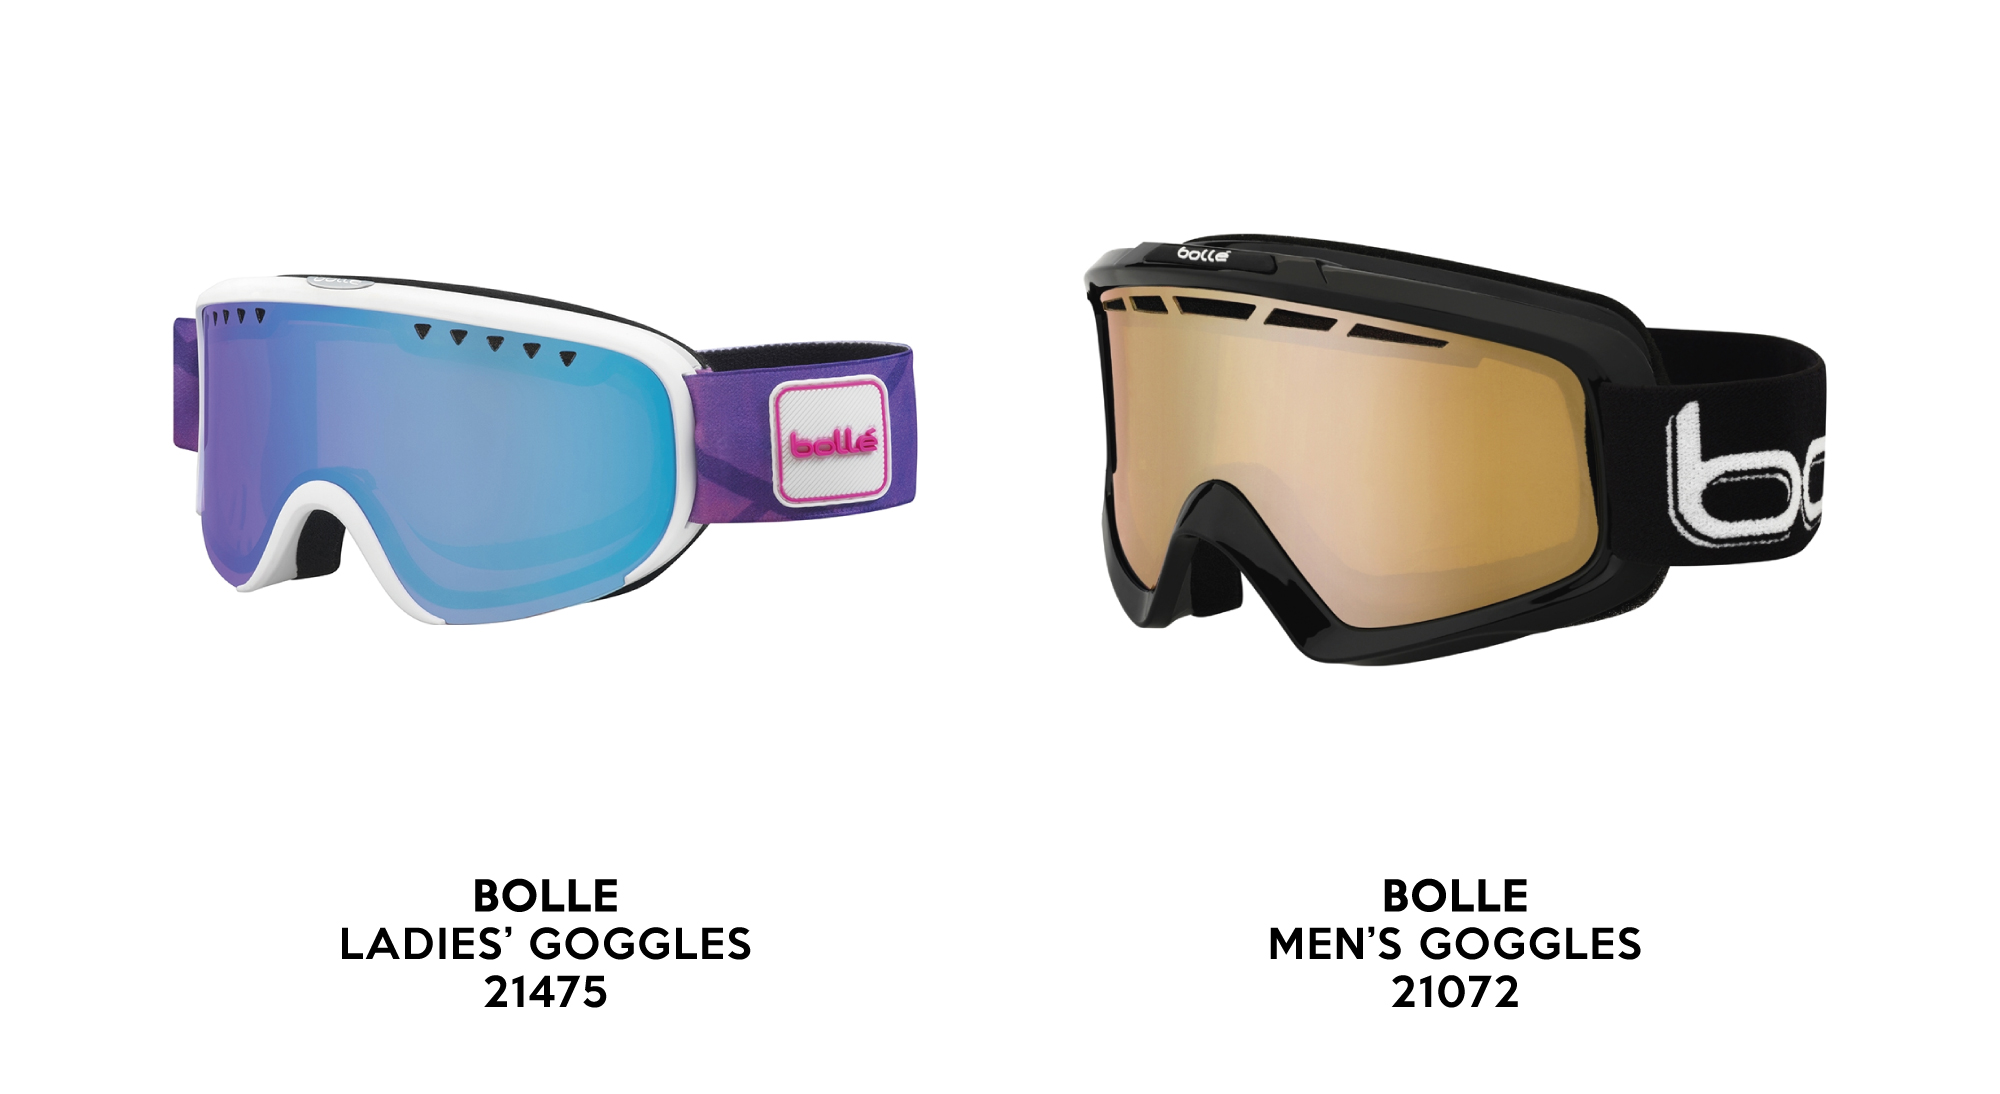 WinterAccessories2018 Goggles